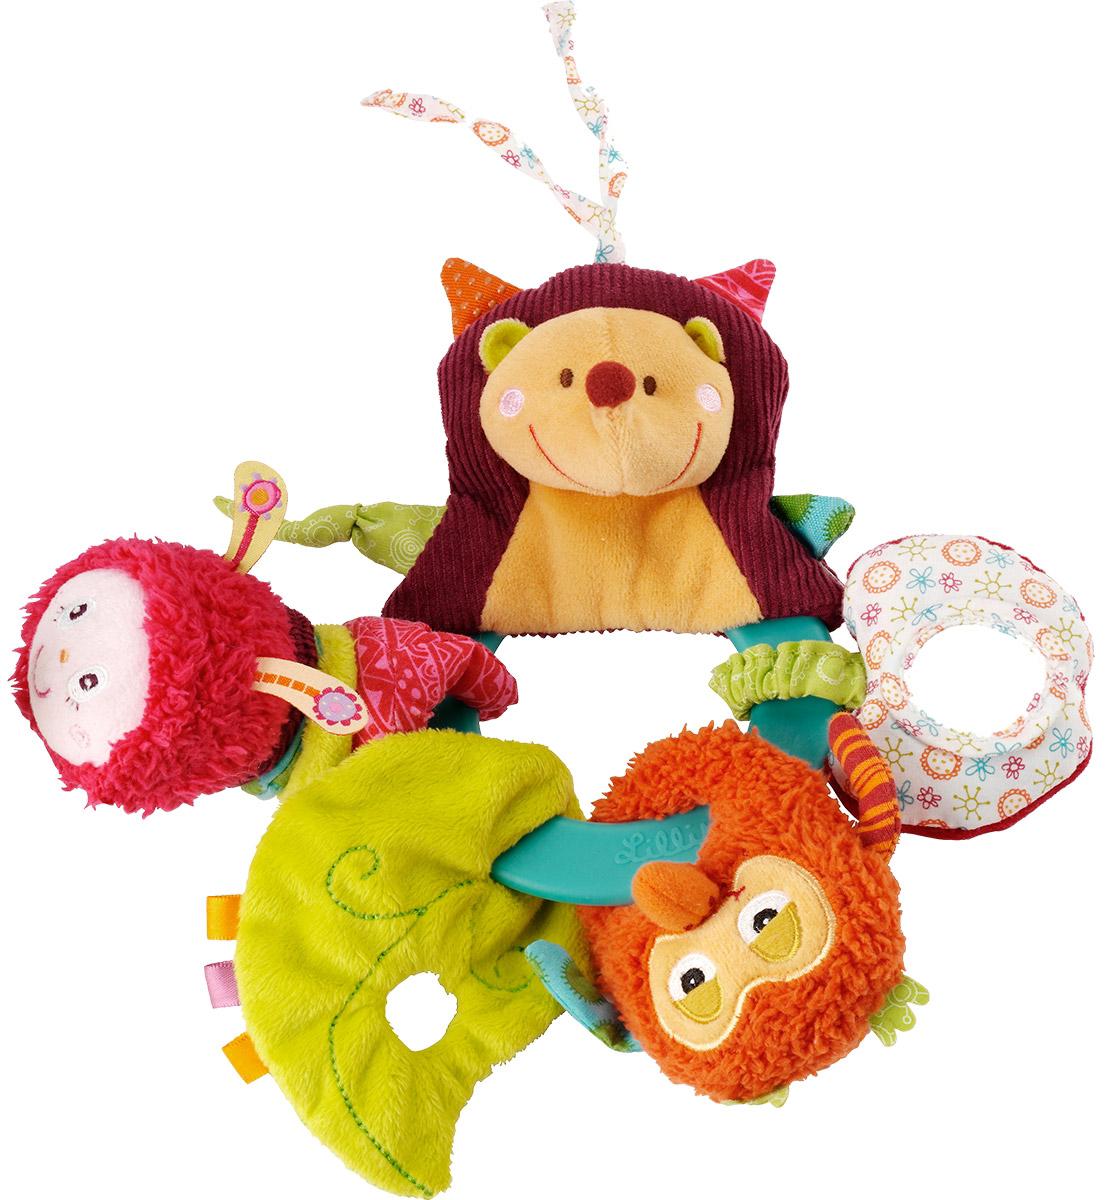 Lilliputiens Развивающая игрушка Ежик Симон 8631786317На брелоке-колечке уютно разместились ежик Симон и его друзья. Здесь имеется все для веселой игры малыша: зеркальце, погремушка, прорезыватель. Различные текстуры игрушки развивают мелкую моторику рук и тактильные ощущения малыша. Колечко можно прикрепить к детскому стульчику или сидячей коляске так, чтобы малыш мог до него дотянуться. Если малыш встряхнет Джульетту - услышит шум листьев, может смотреться в зеркальце и грызть кольцо-прорезыватель. Lilliputies - это удивительные развивающие игрушки для самых маленьких. Все игрушки отличаются безупречным качеством и безграничной креативностью.